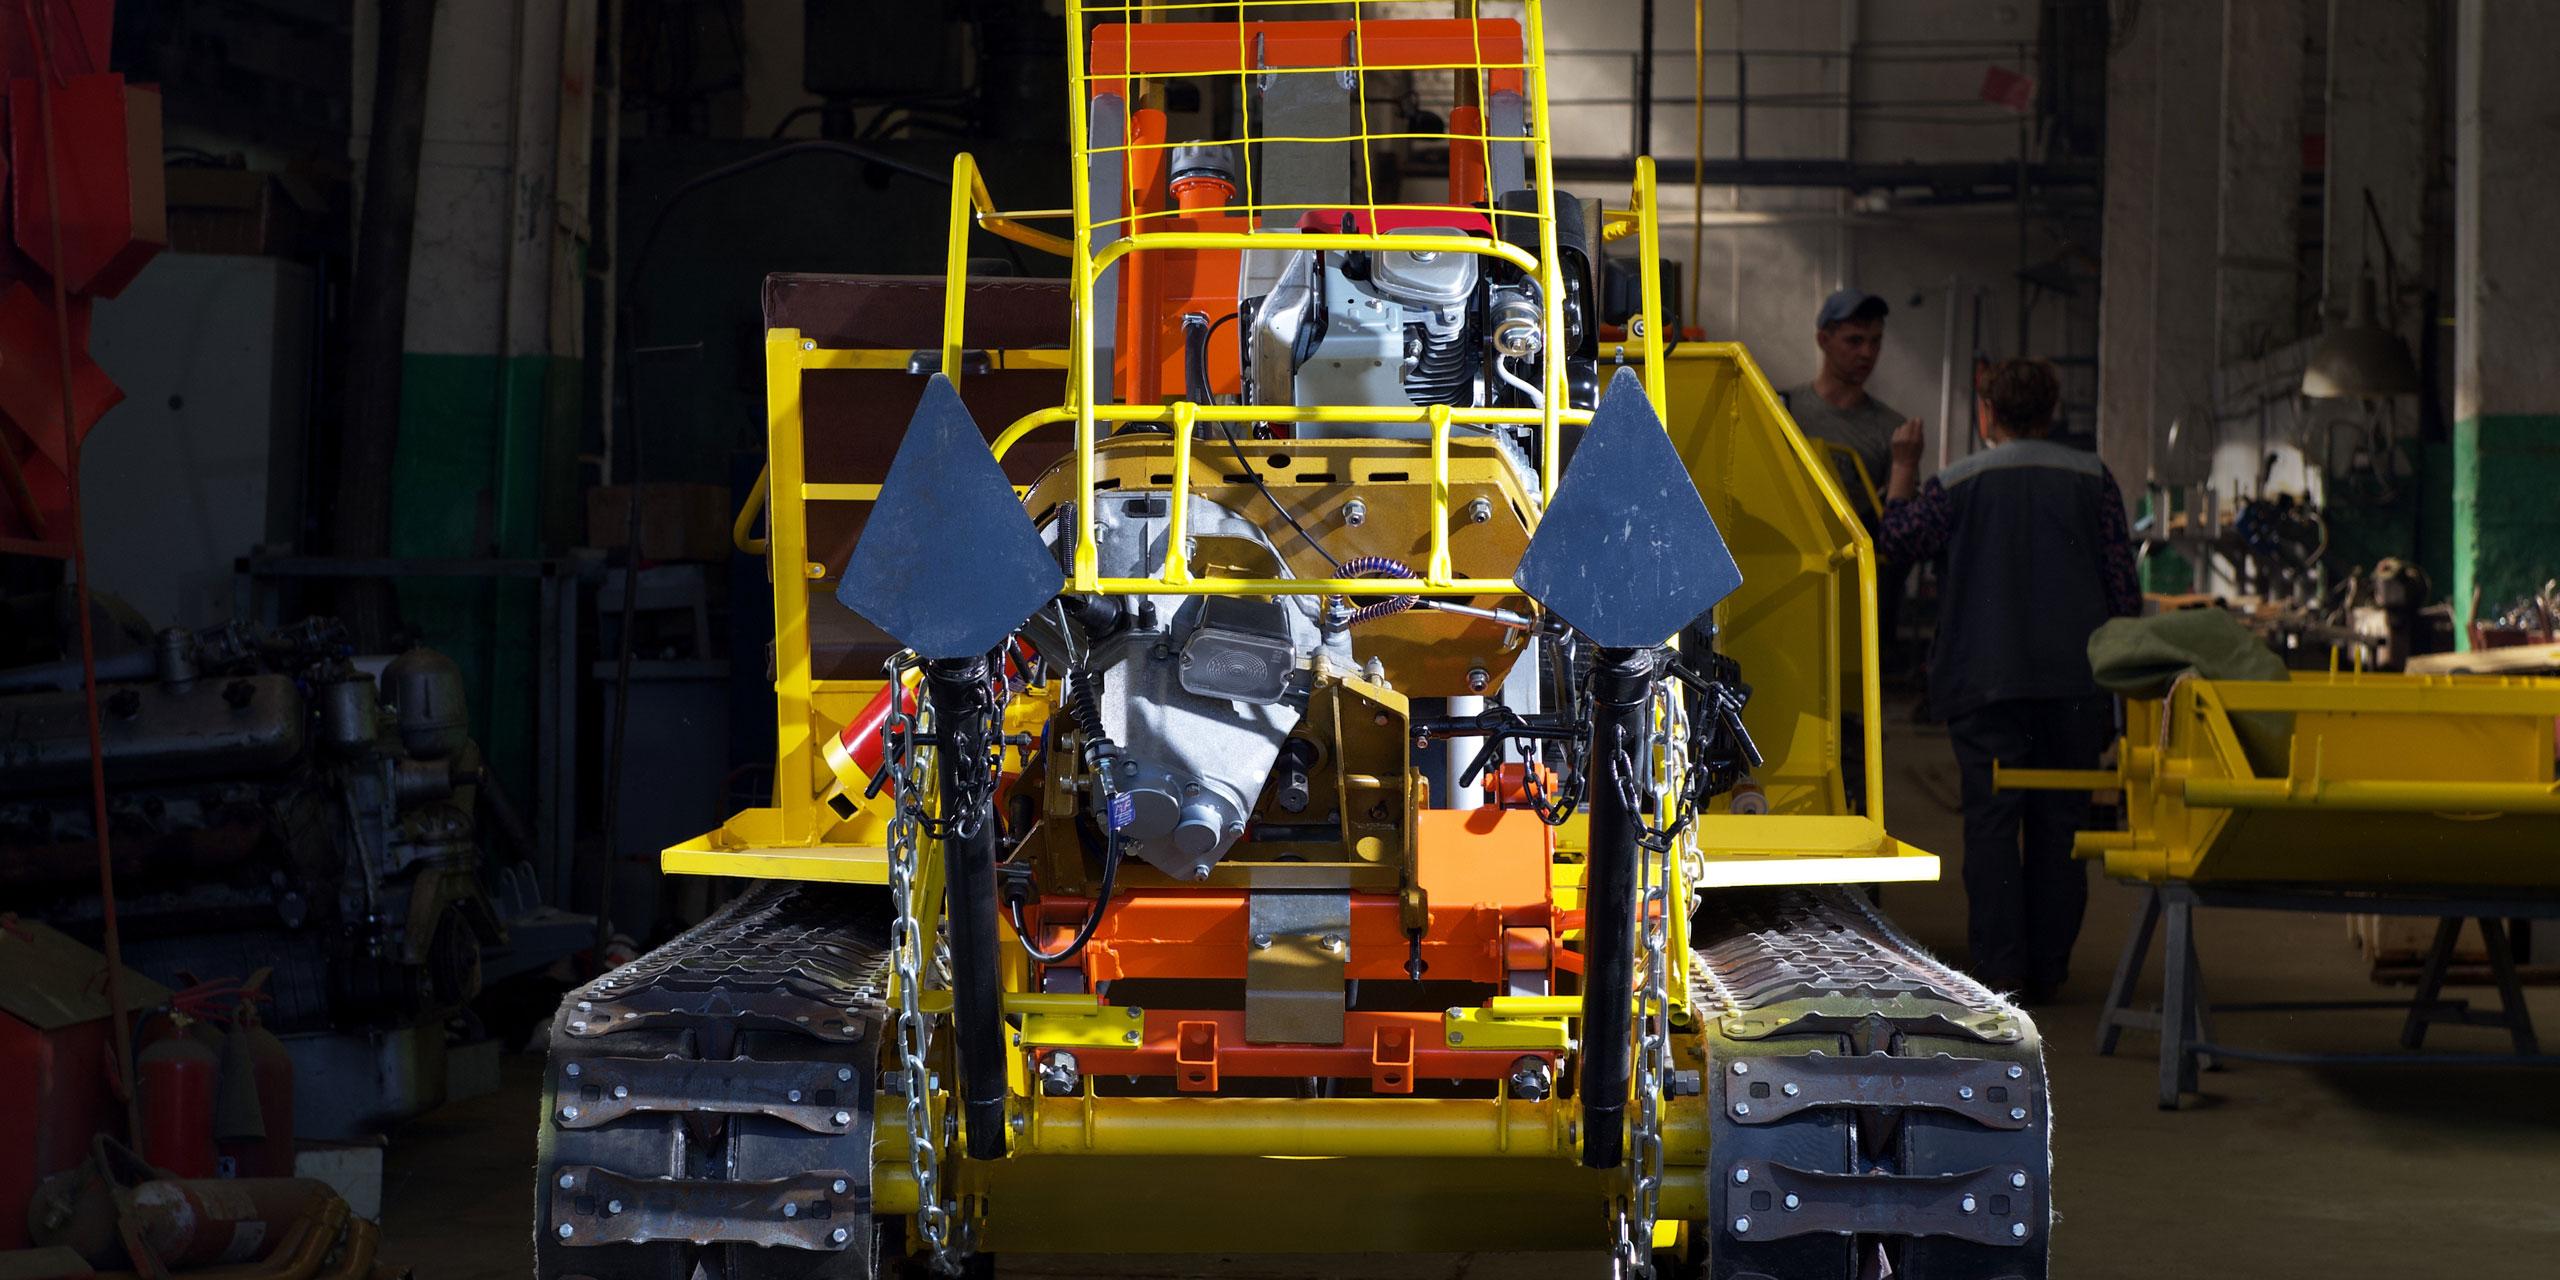 Установка буровая малогабаритная УБШМ-1-13 на базе самоходного шасси ШС-04